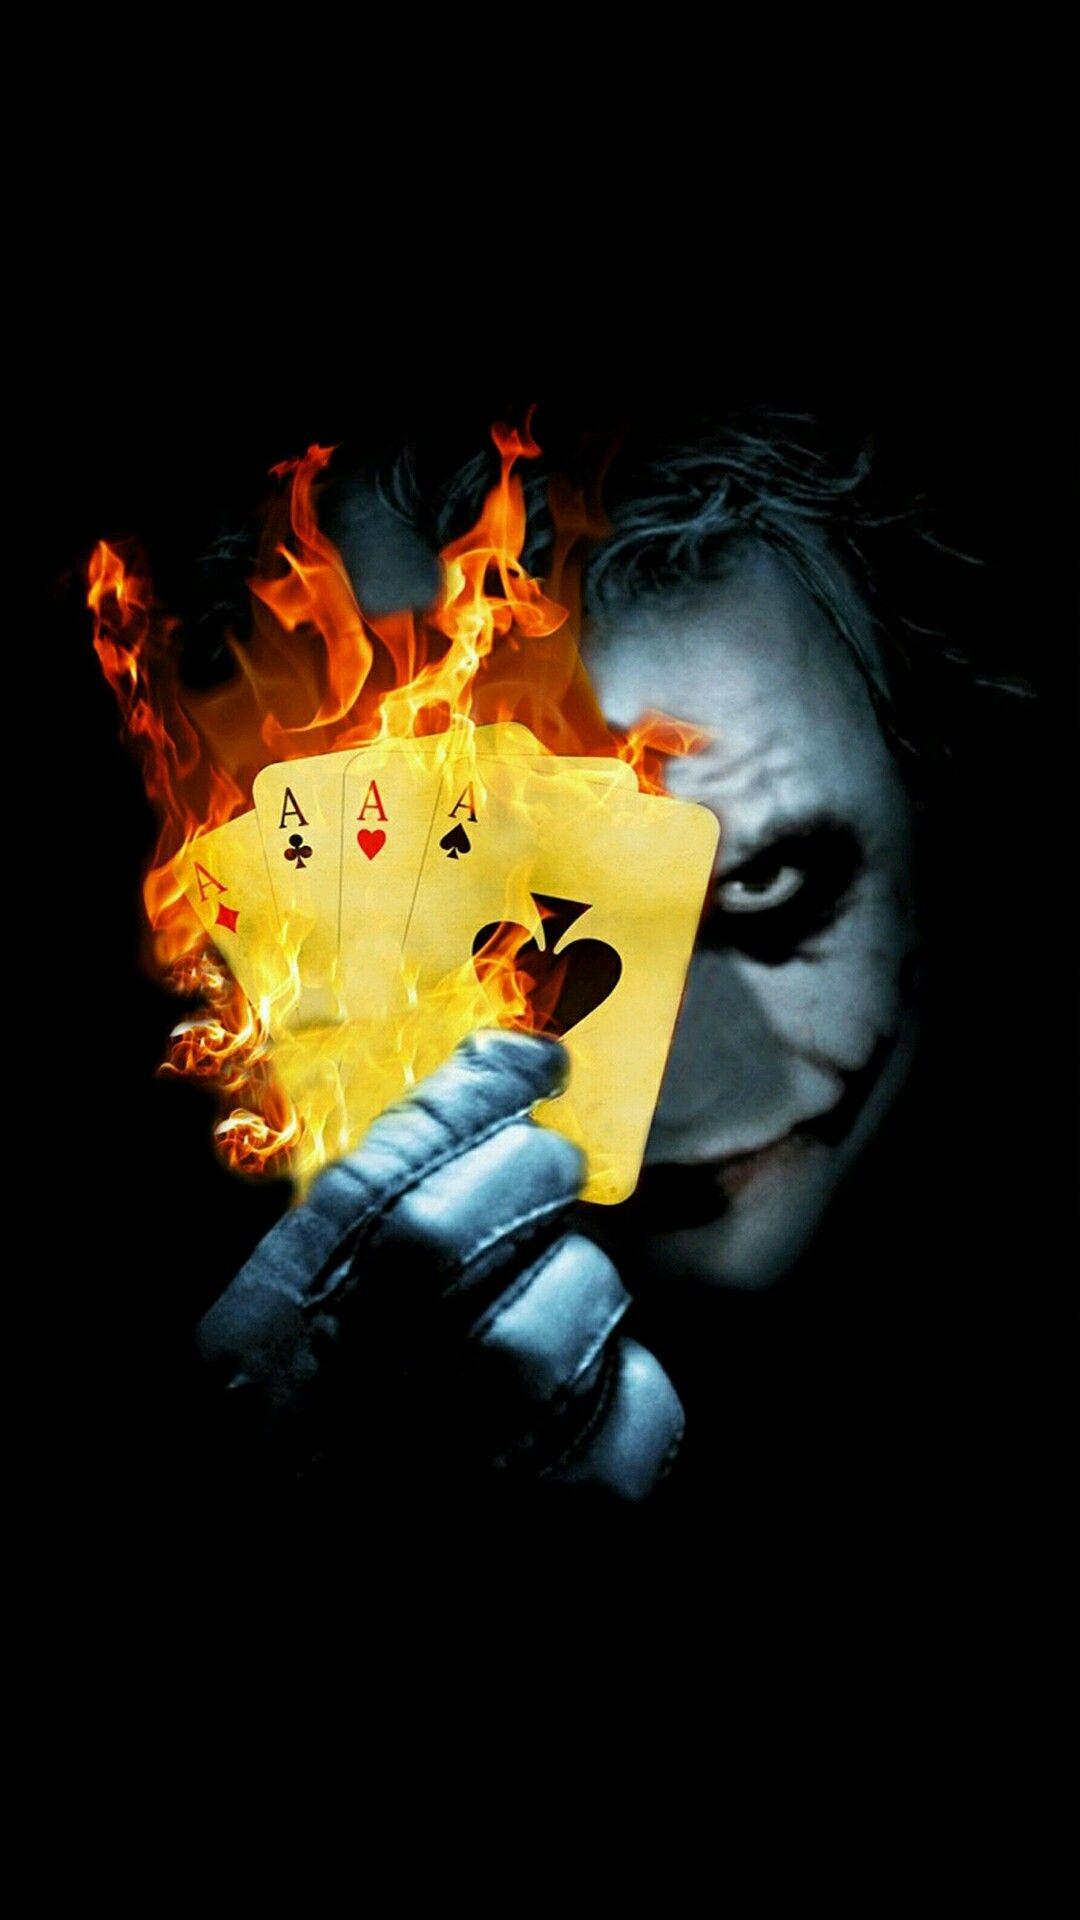 Joker Dc Batman Joker Wallpaper Joker Images Batman Joker Art